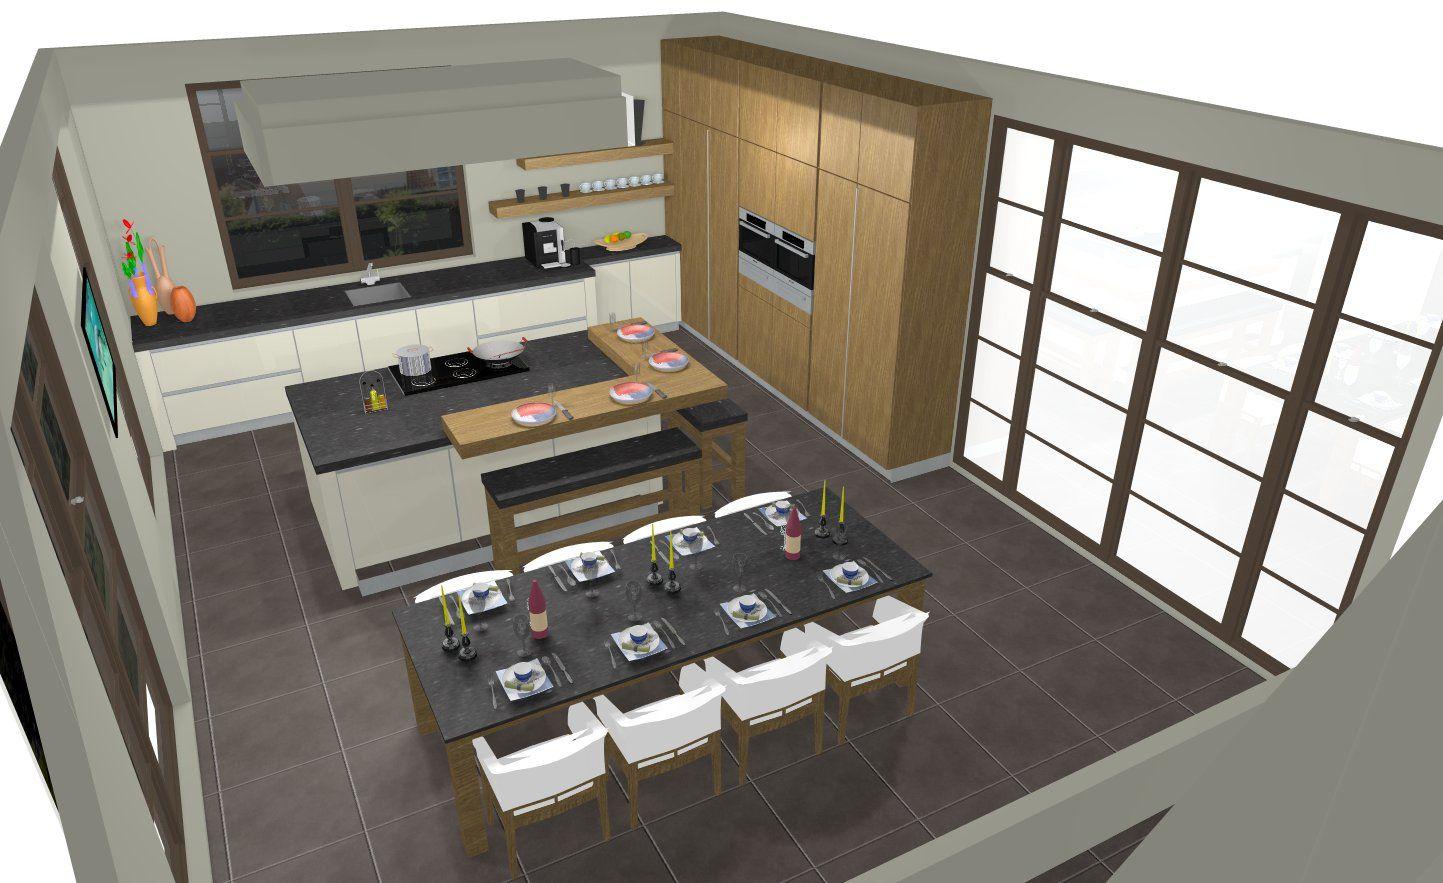 Creatief keukenontwerp met praktische indeling inclusief for Praktische indeling huis